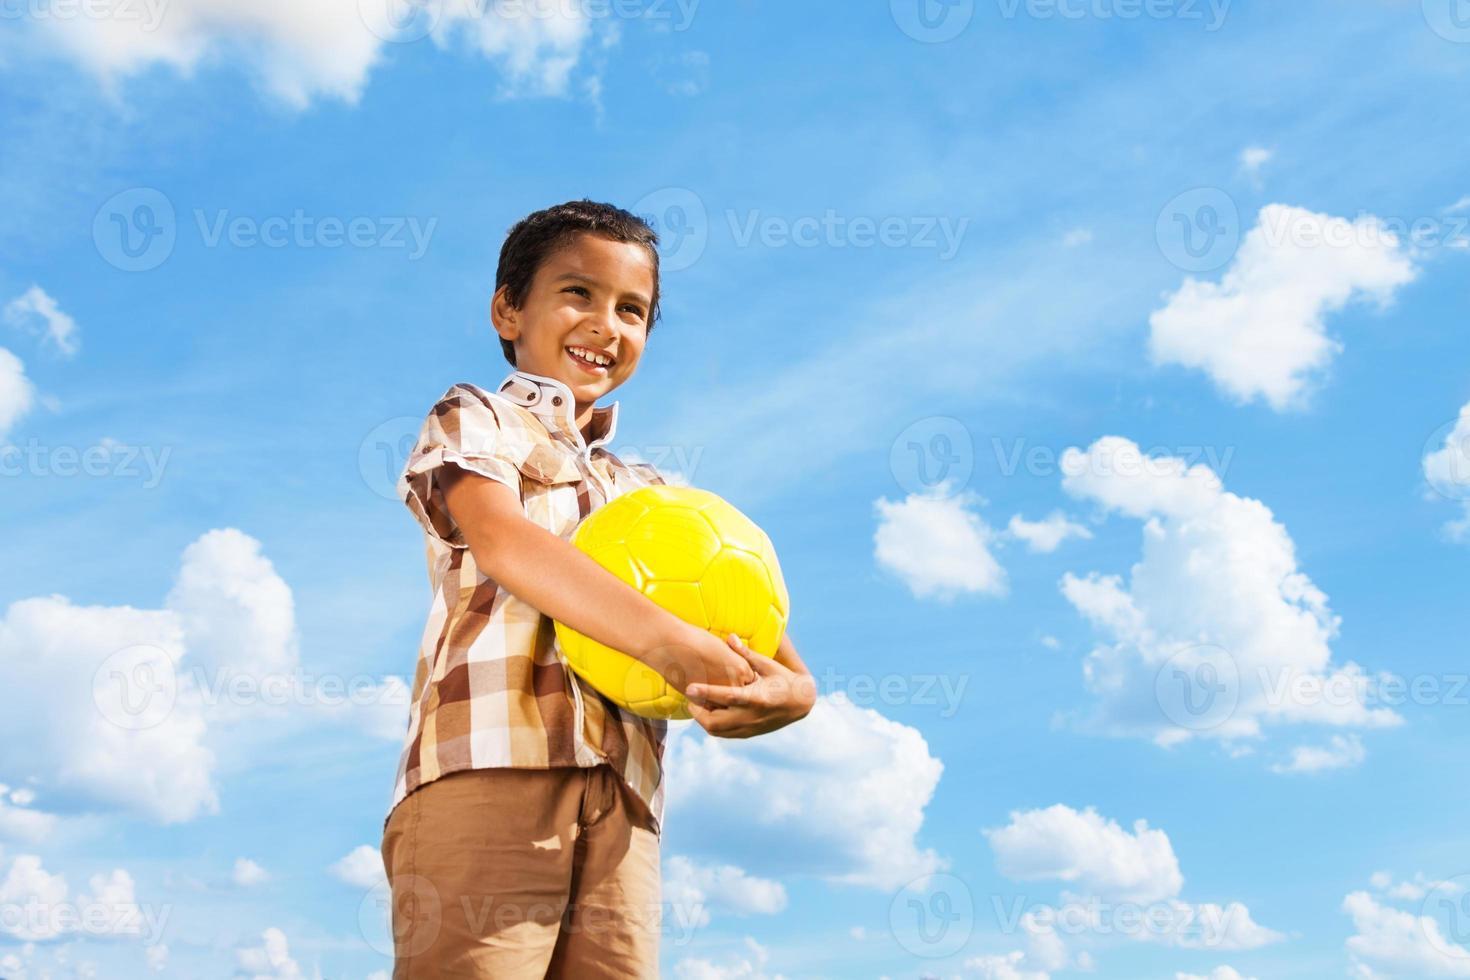 menino de pé com bola de futebol foto